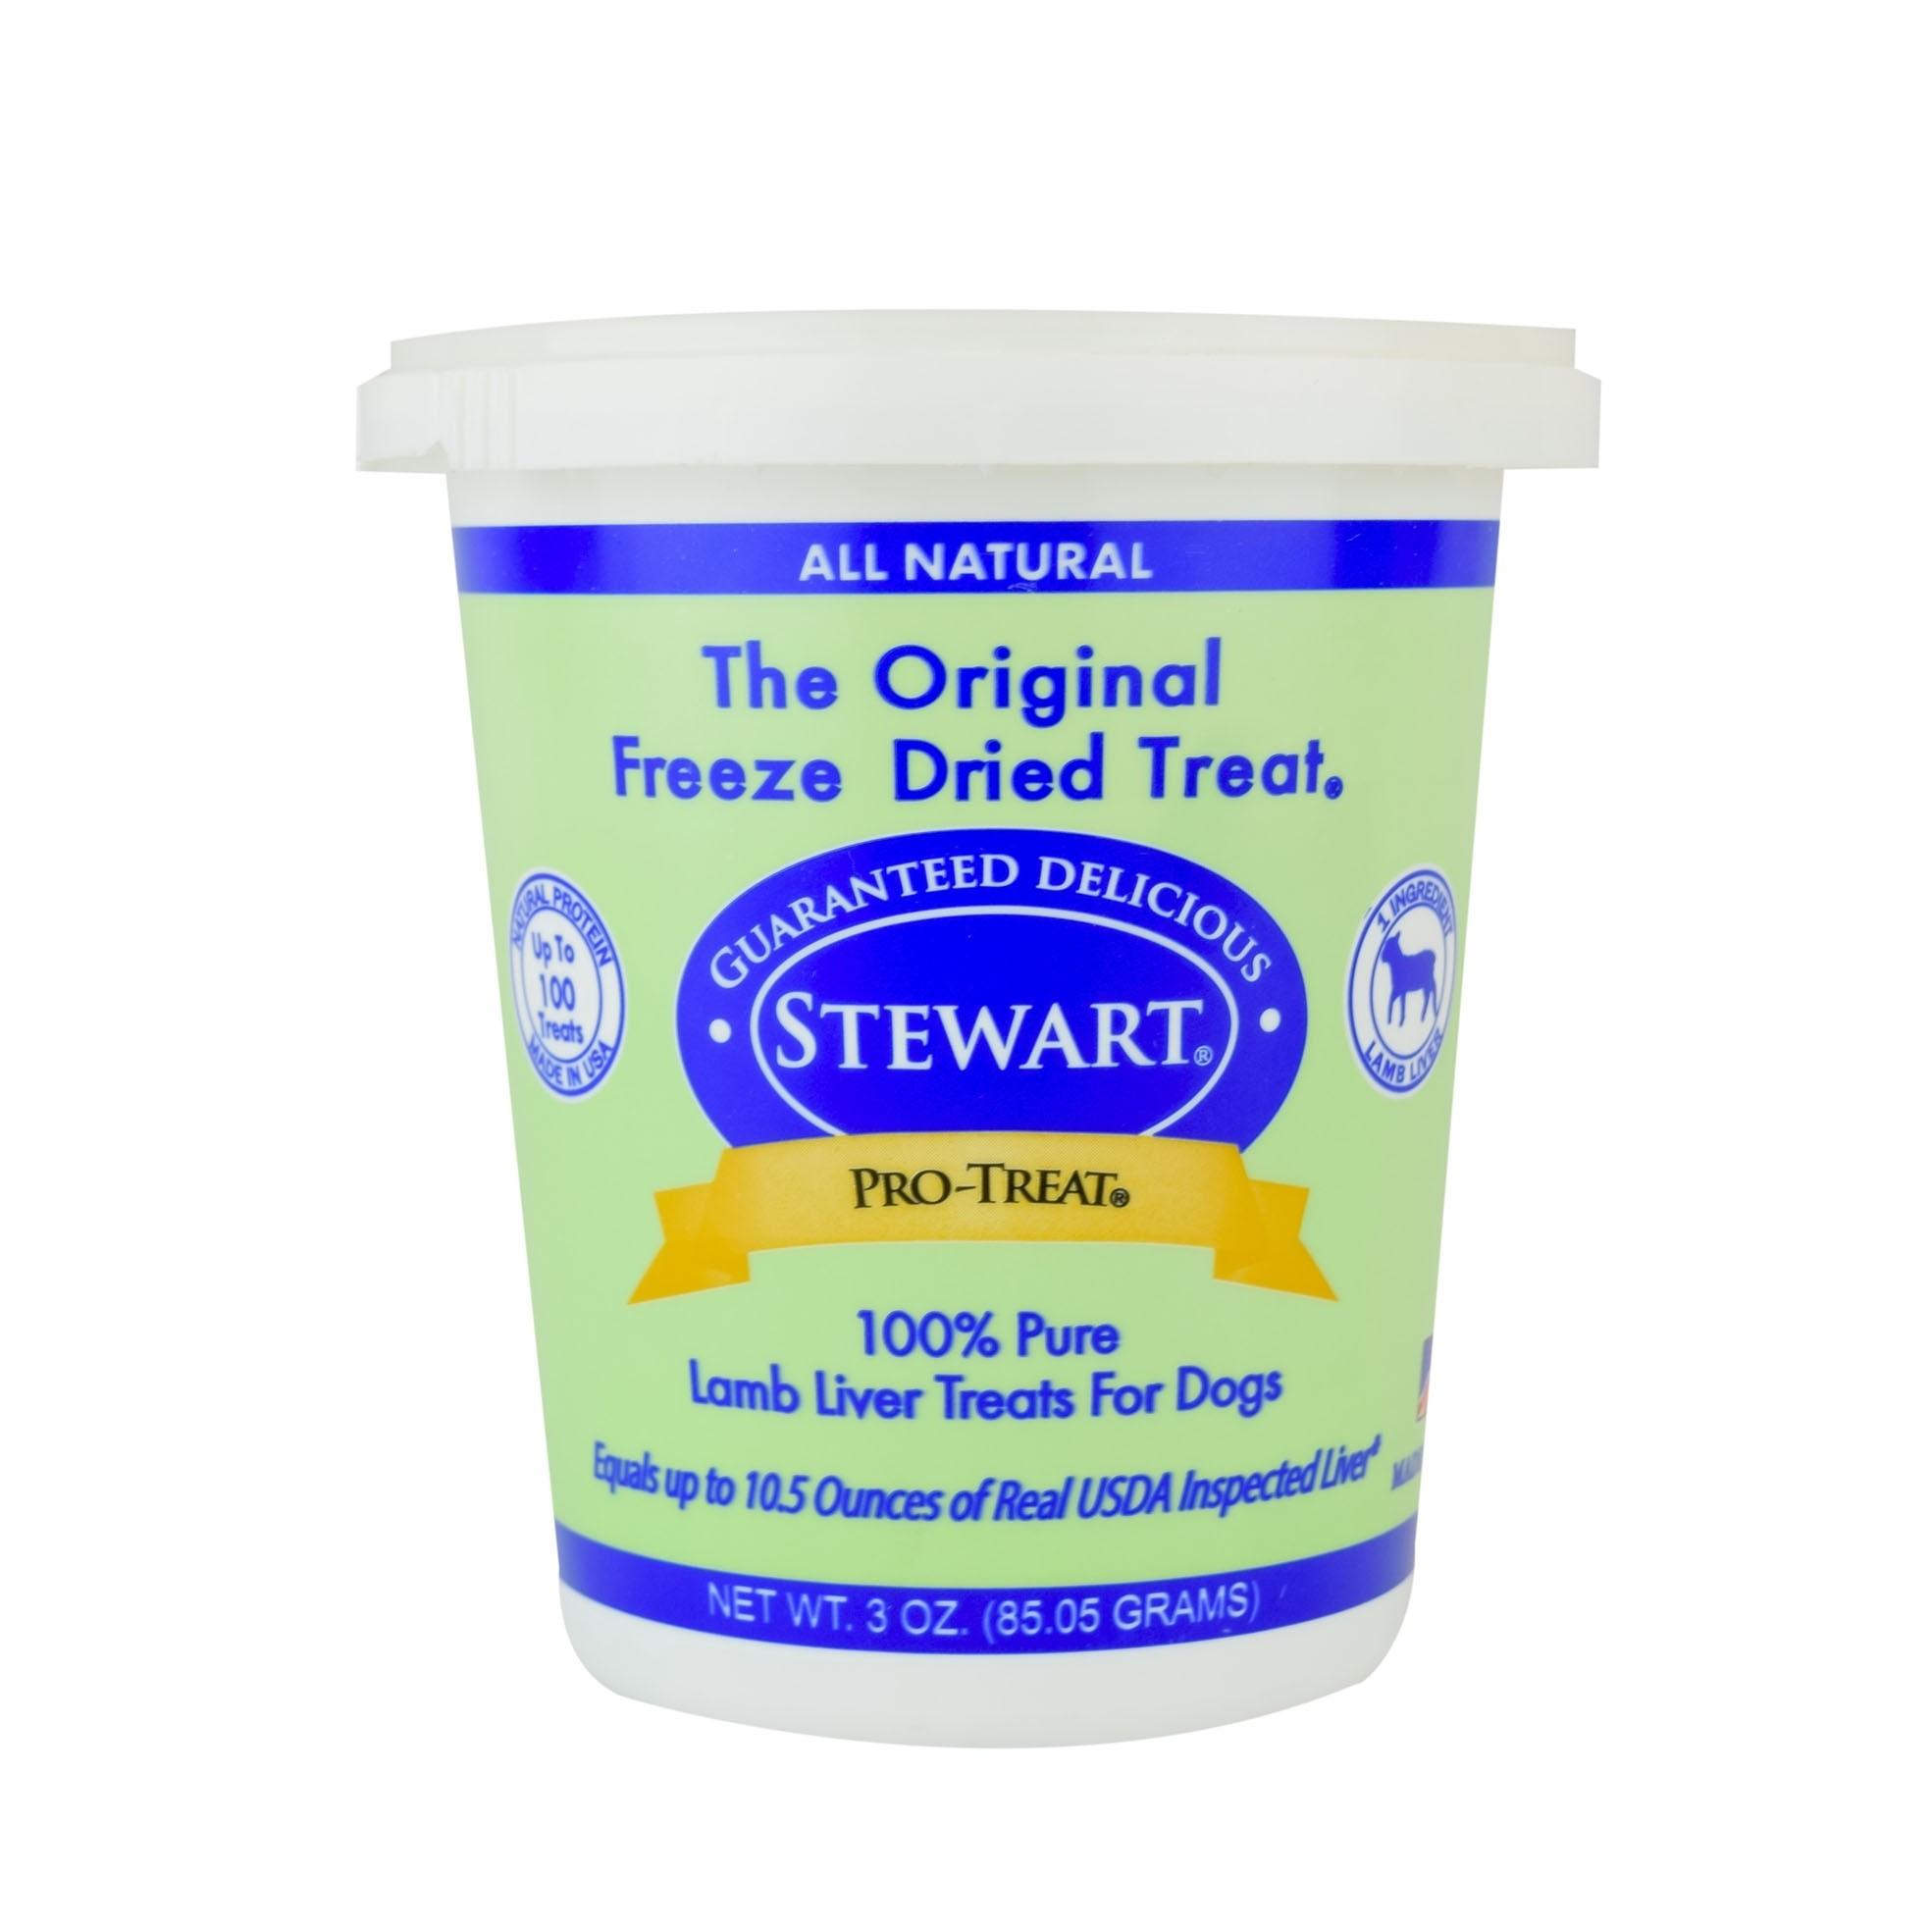 STEWART® PRO-TREAT FREEZE DRIED LAMB LIVER TUB - 3 OZ [401824]